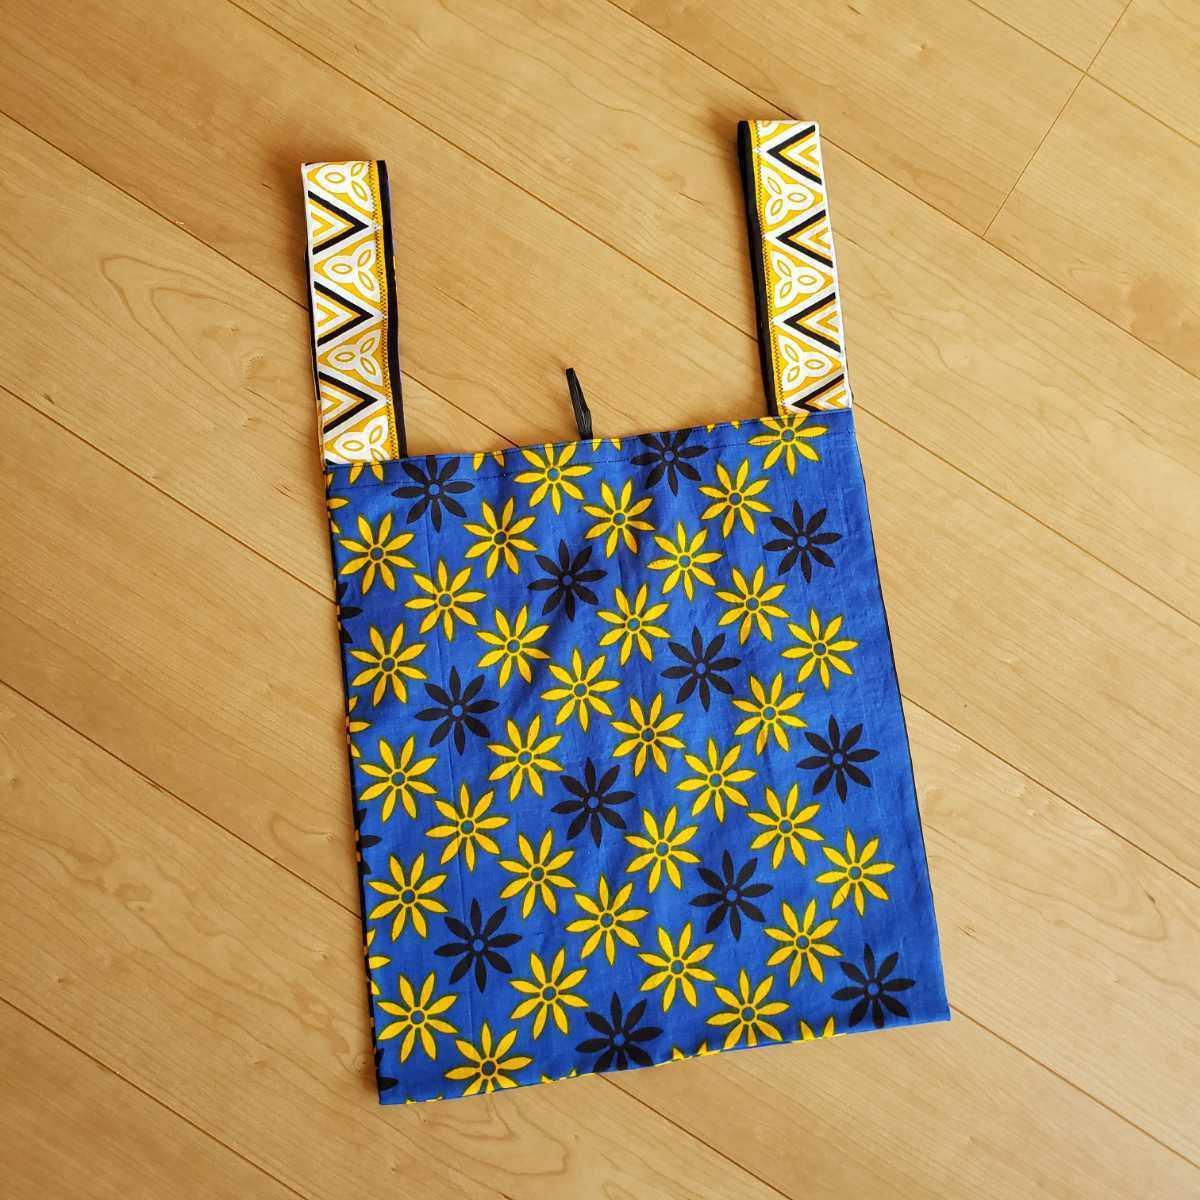 ハンドメイド カンガ アフリカン生地 レジ袋型エコバッグ コンビニエコバッグ Lサイズ アジアンエスニック チャイハネマライカチチカカ